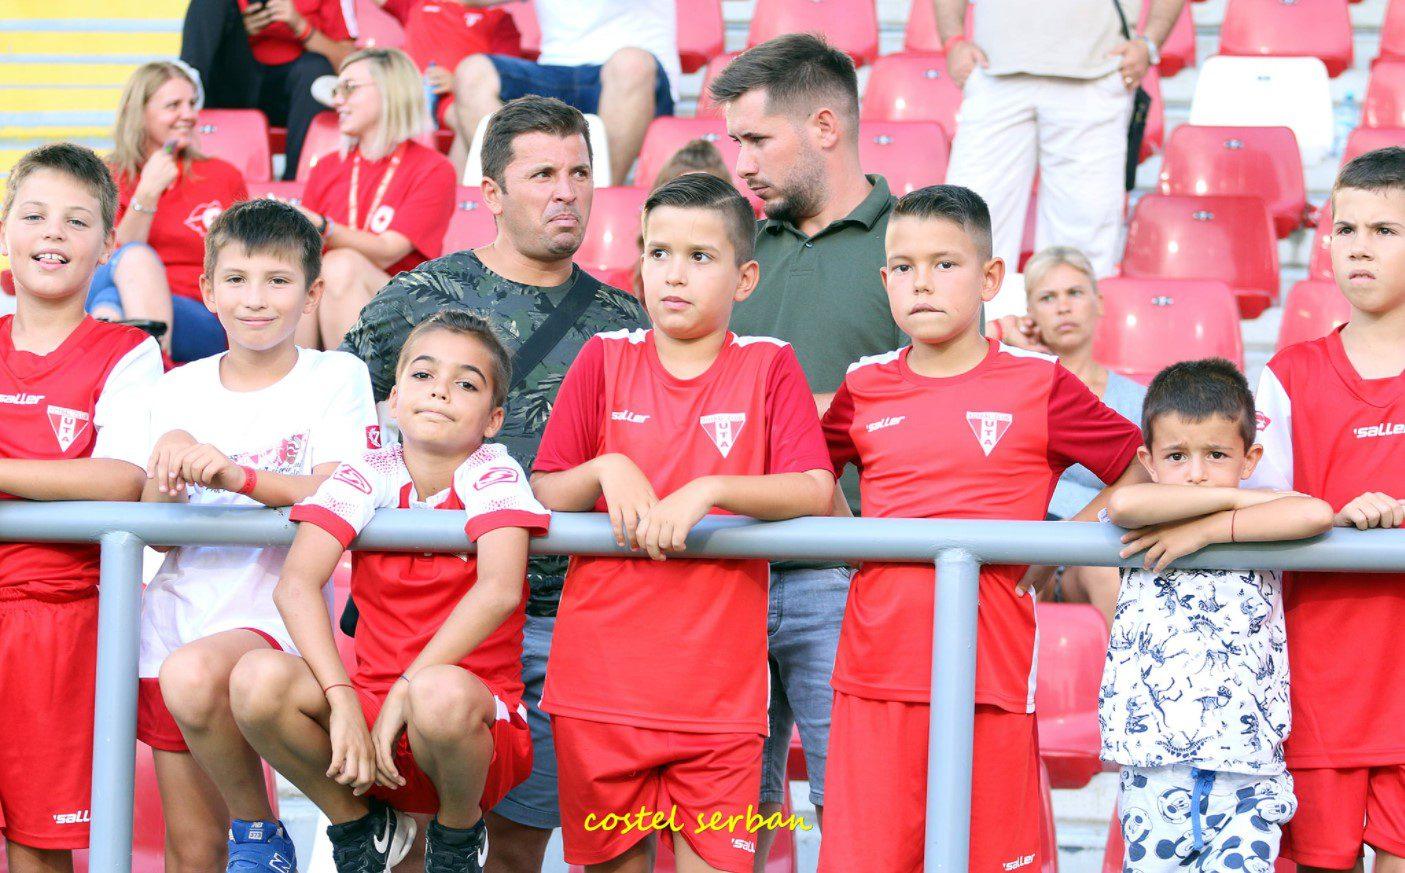 """""""Duminică, toți în roșu!"""" – apelul utiștilor pentru meciul cu FCSB, Balint plusează: """"Ne dorim să îi facem fericiți pe adevărații noștri suporteri"""""""